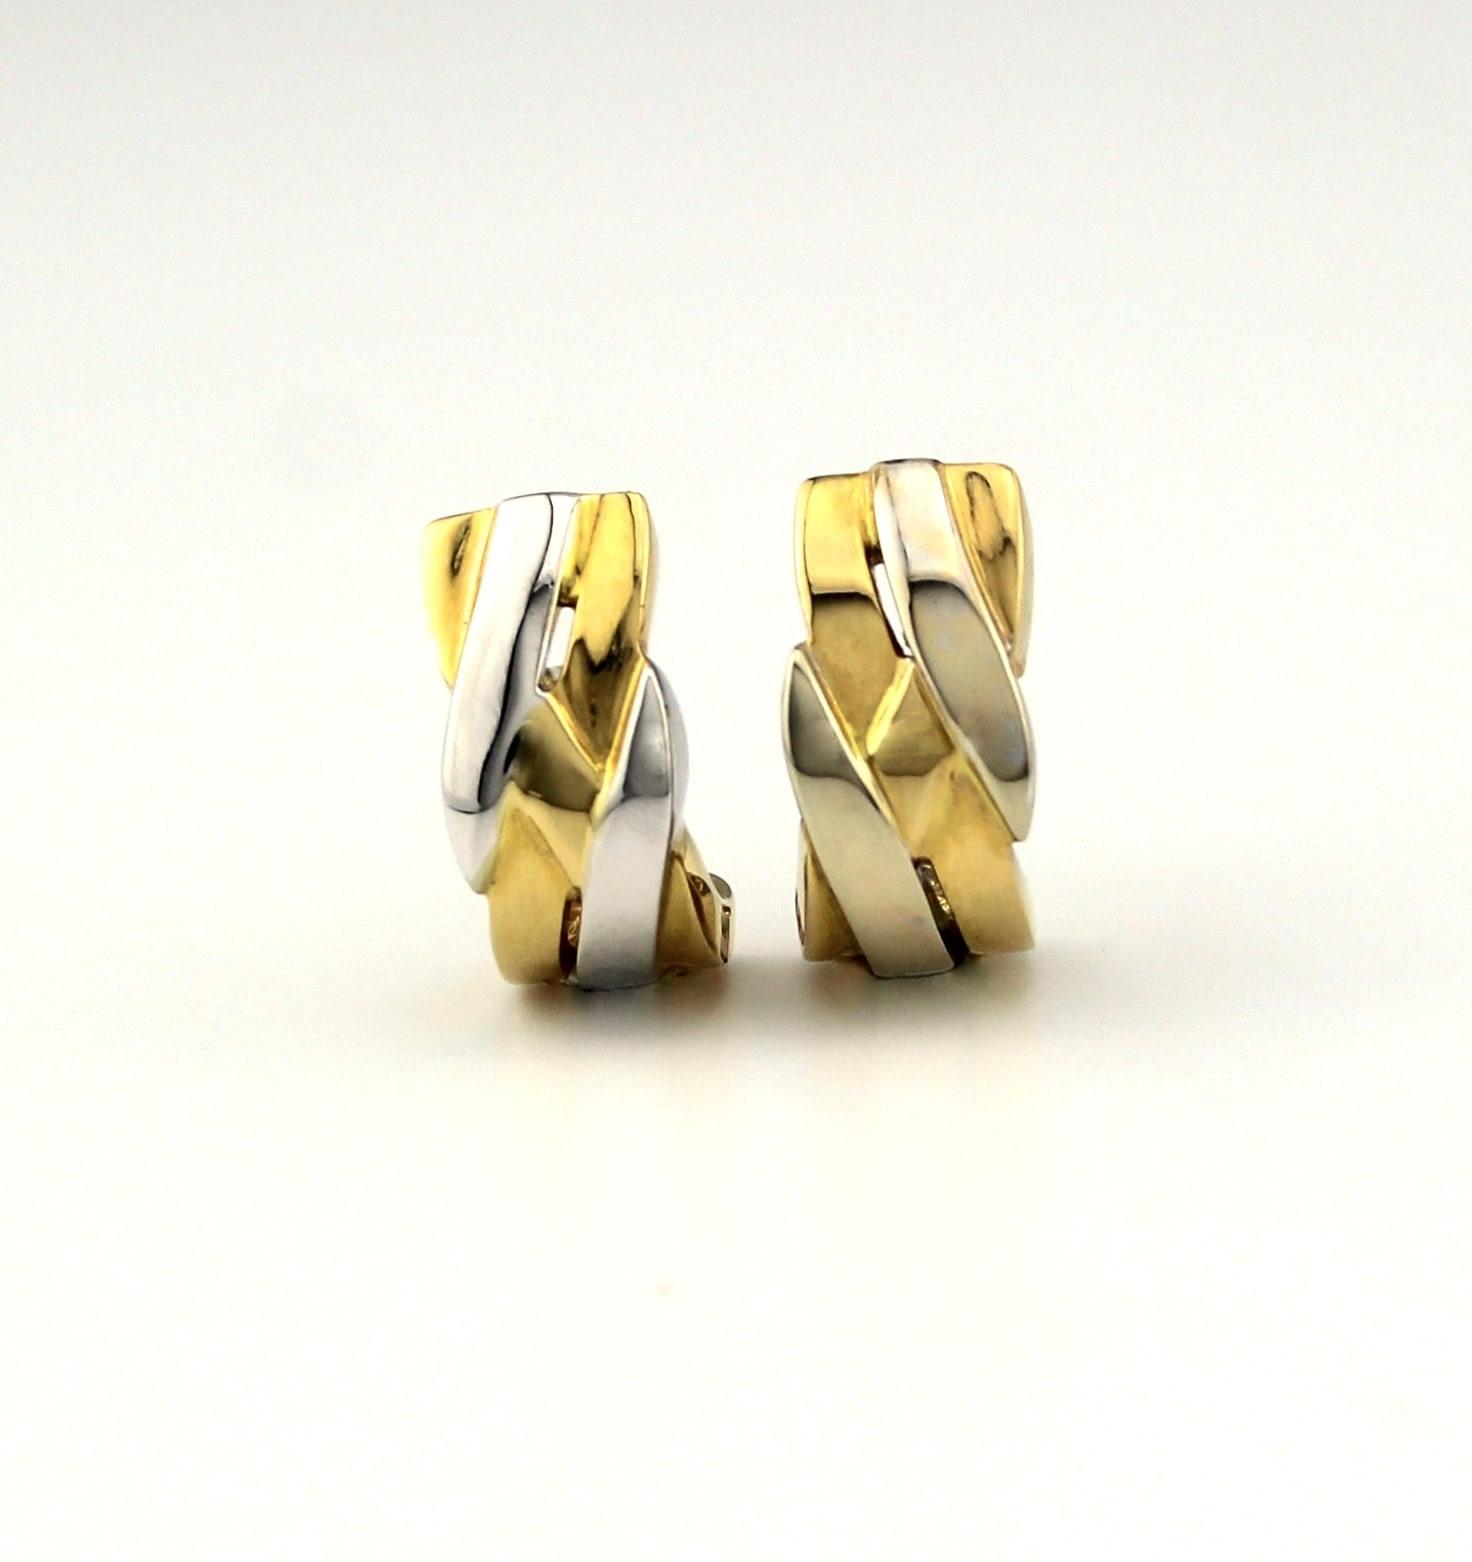 ROEMER ROEMER bicolor gouden Balmain oorsieraden